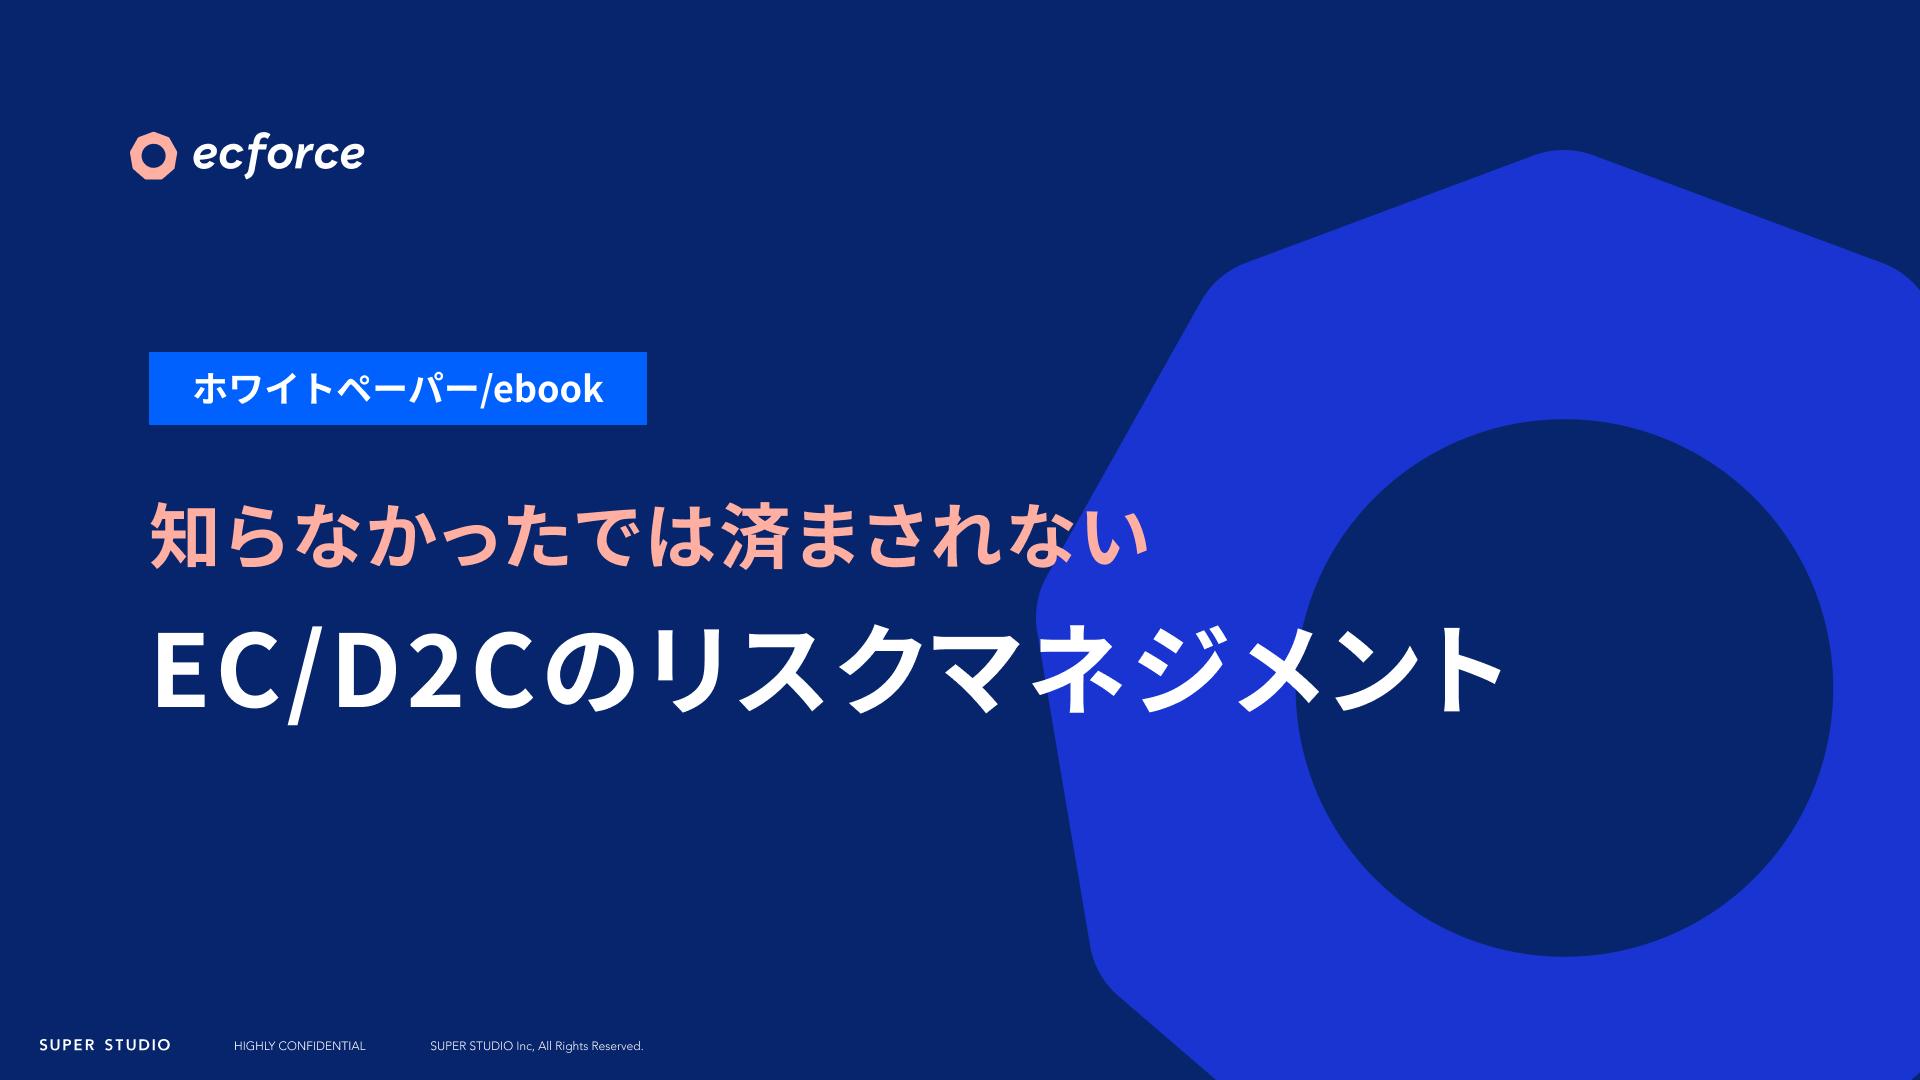 EC/D2C【2021年最新版】知らなかったではすまされないEC/D2Cのリスクマネジメント